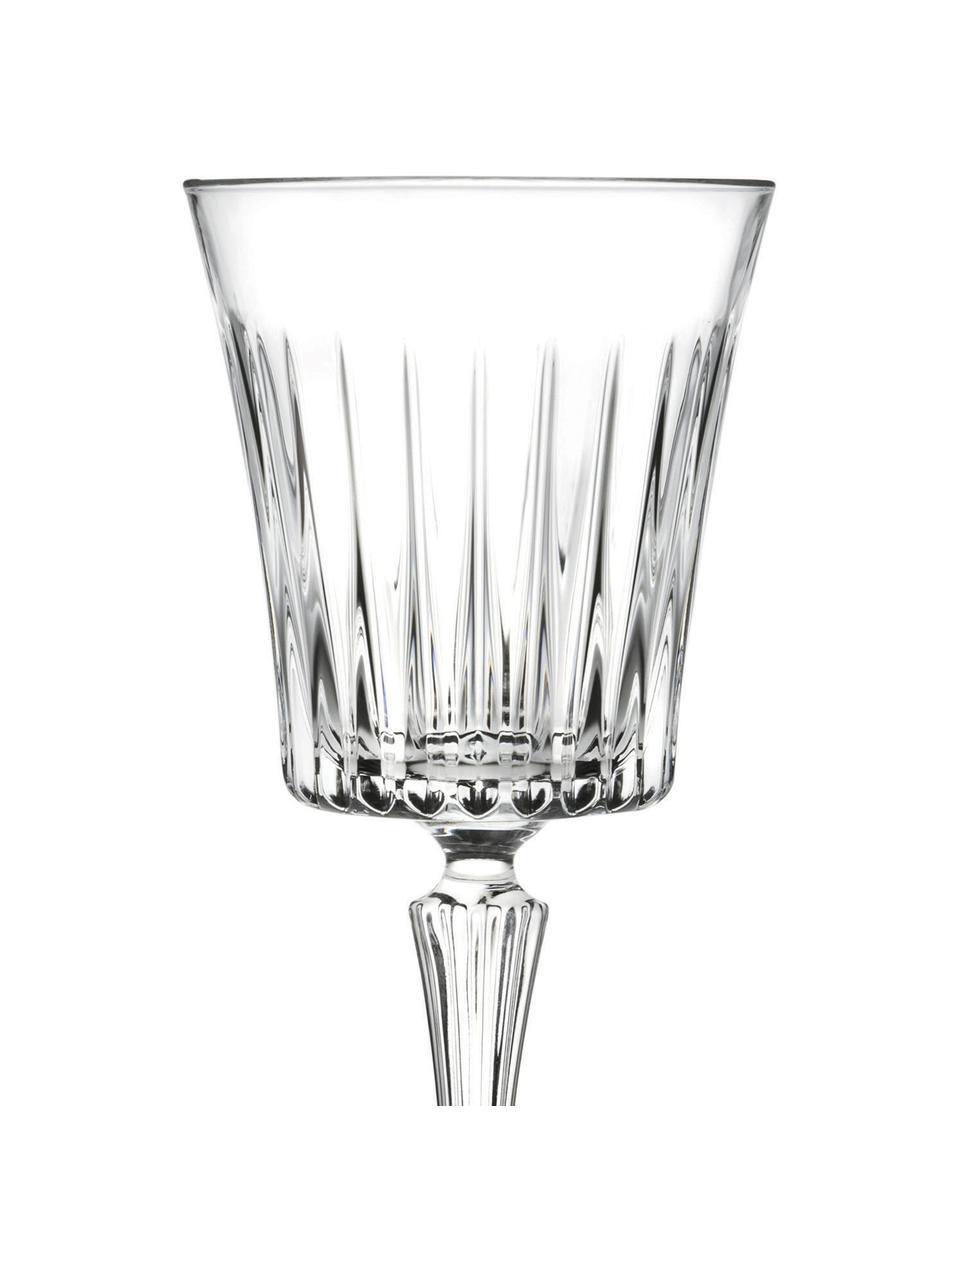 Kristall-Weißweingläser Timeless mit Rillenrelief, 6 Stück, Luxion-Kristallglas, Transparent, Ø 8 x H 20 cm